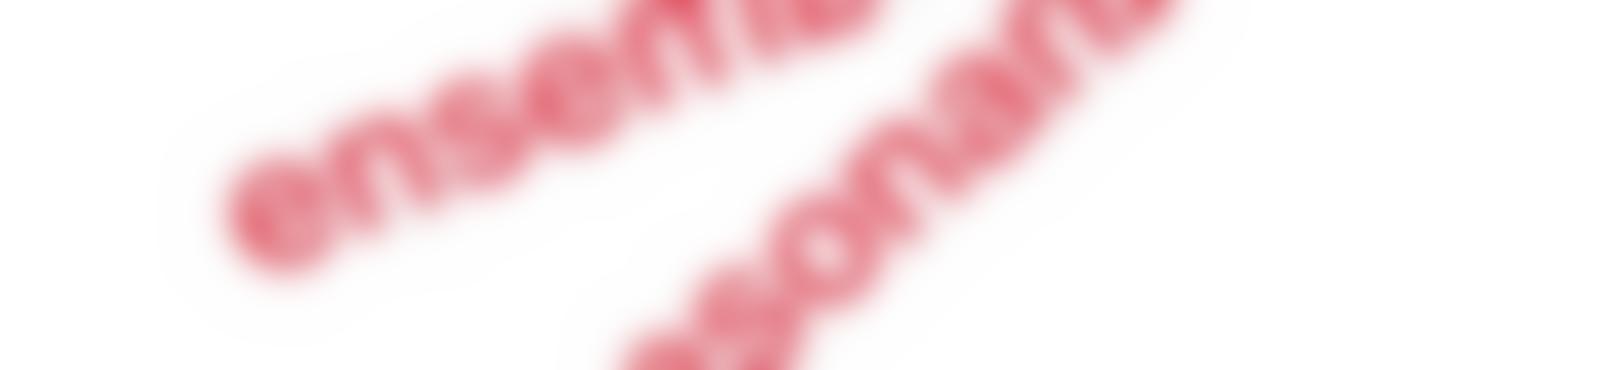 Blurred e2bc09d8 0e20 4cfa 9ffc e667b4e6e58a